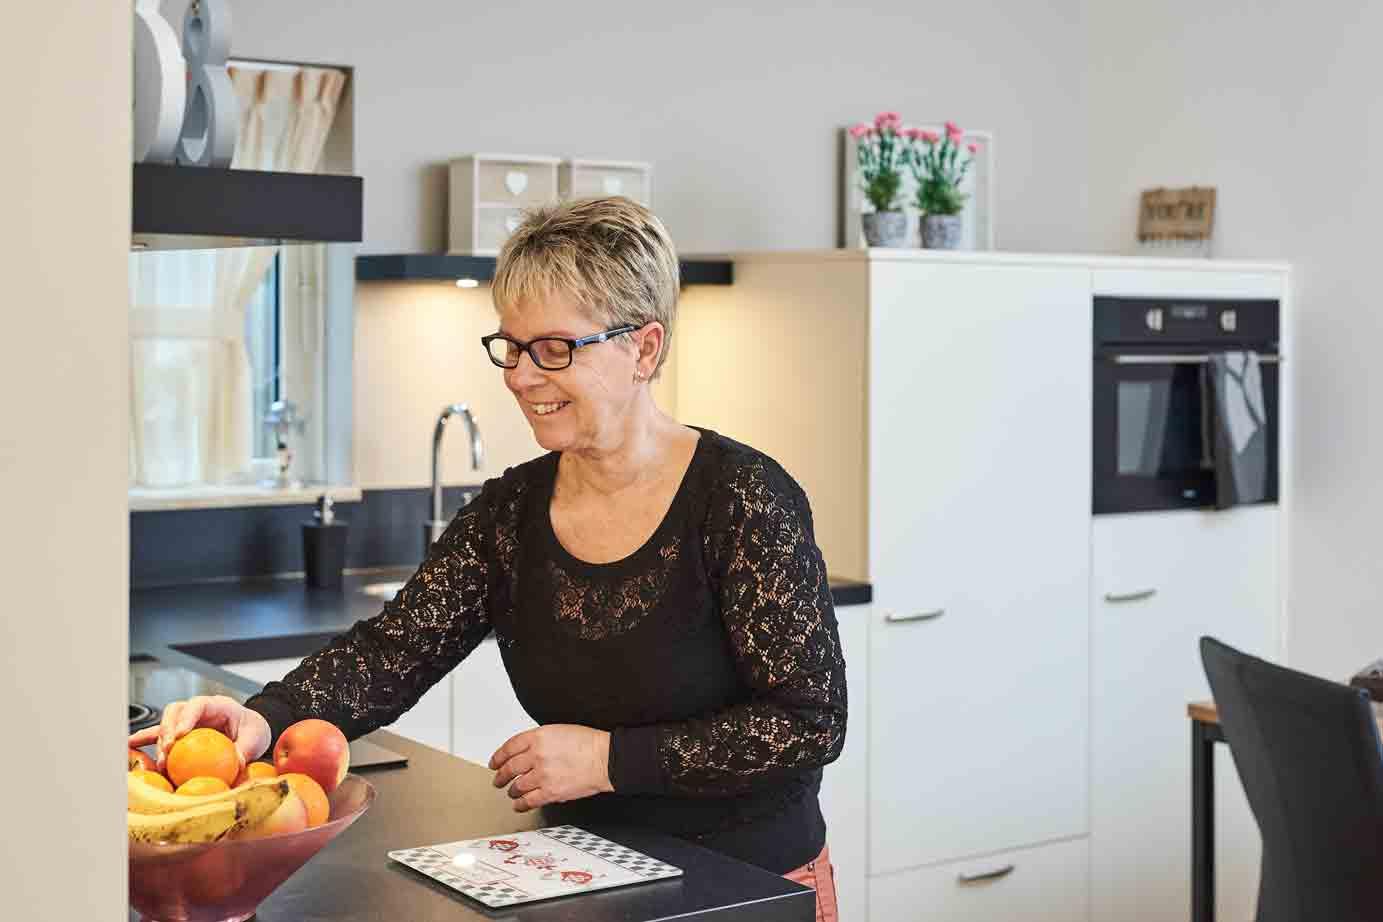 Keukens Sint Annaland : Showroomkeukens groot aanbod vanuit vestigingen ardi